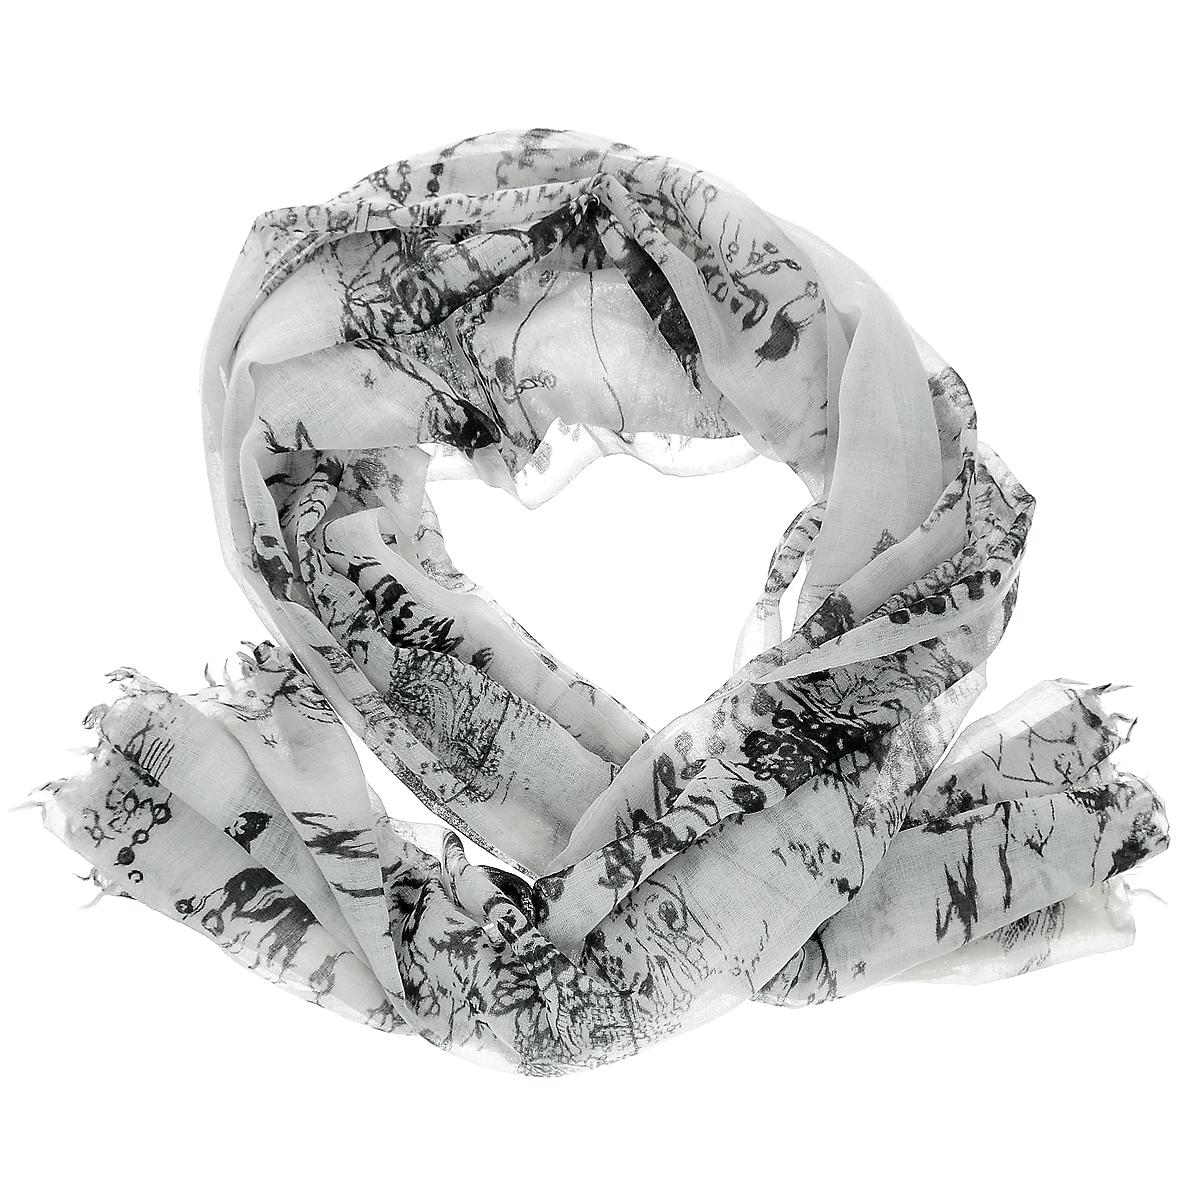 Палантин. ZW-FENEZW-FENE/BLСтильный палантин Michel Katana согреет в холодное время года, а также станет изысканным аксессуаром, который призван подчеркнуть вашу индивидуальность и стиль. Палантин выполнен из шерсти и декорирован оригинальным орнаментом. По краям изделие оформлено кисточками.